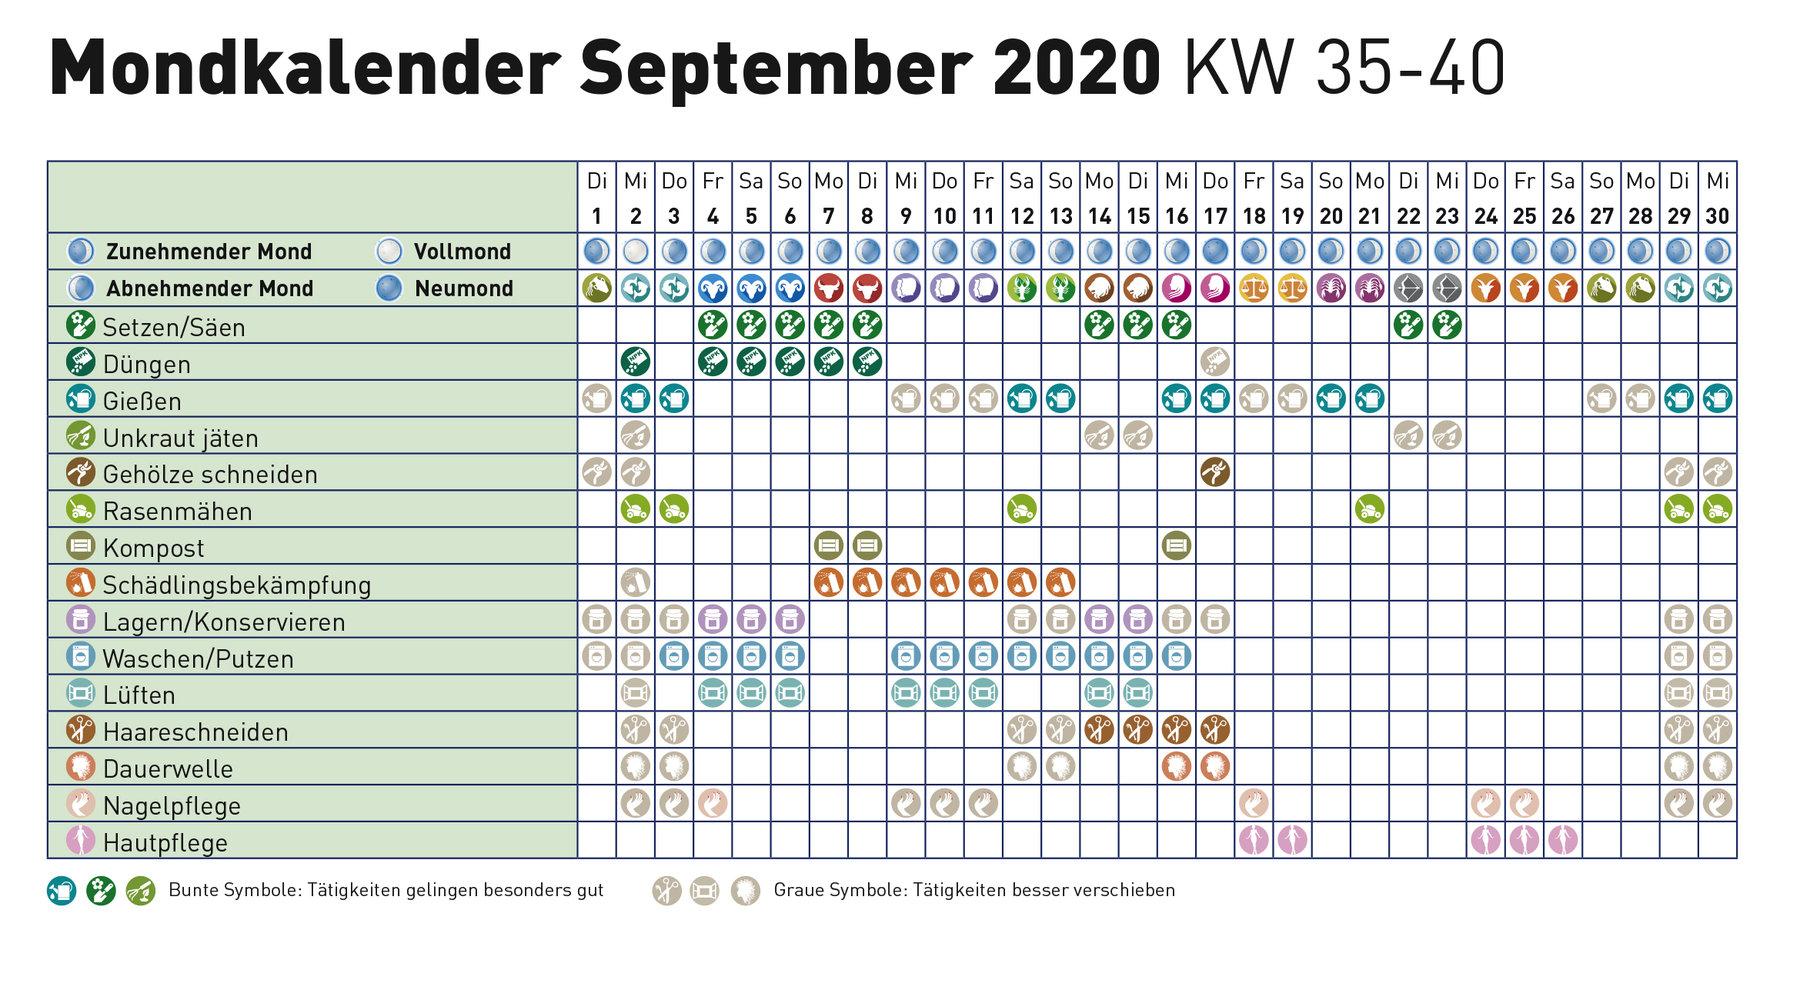 Mondkalender august 2019